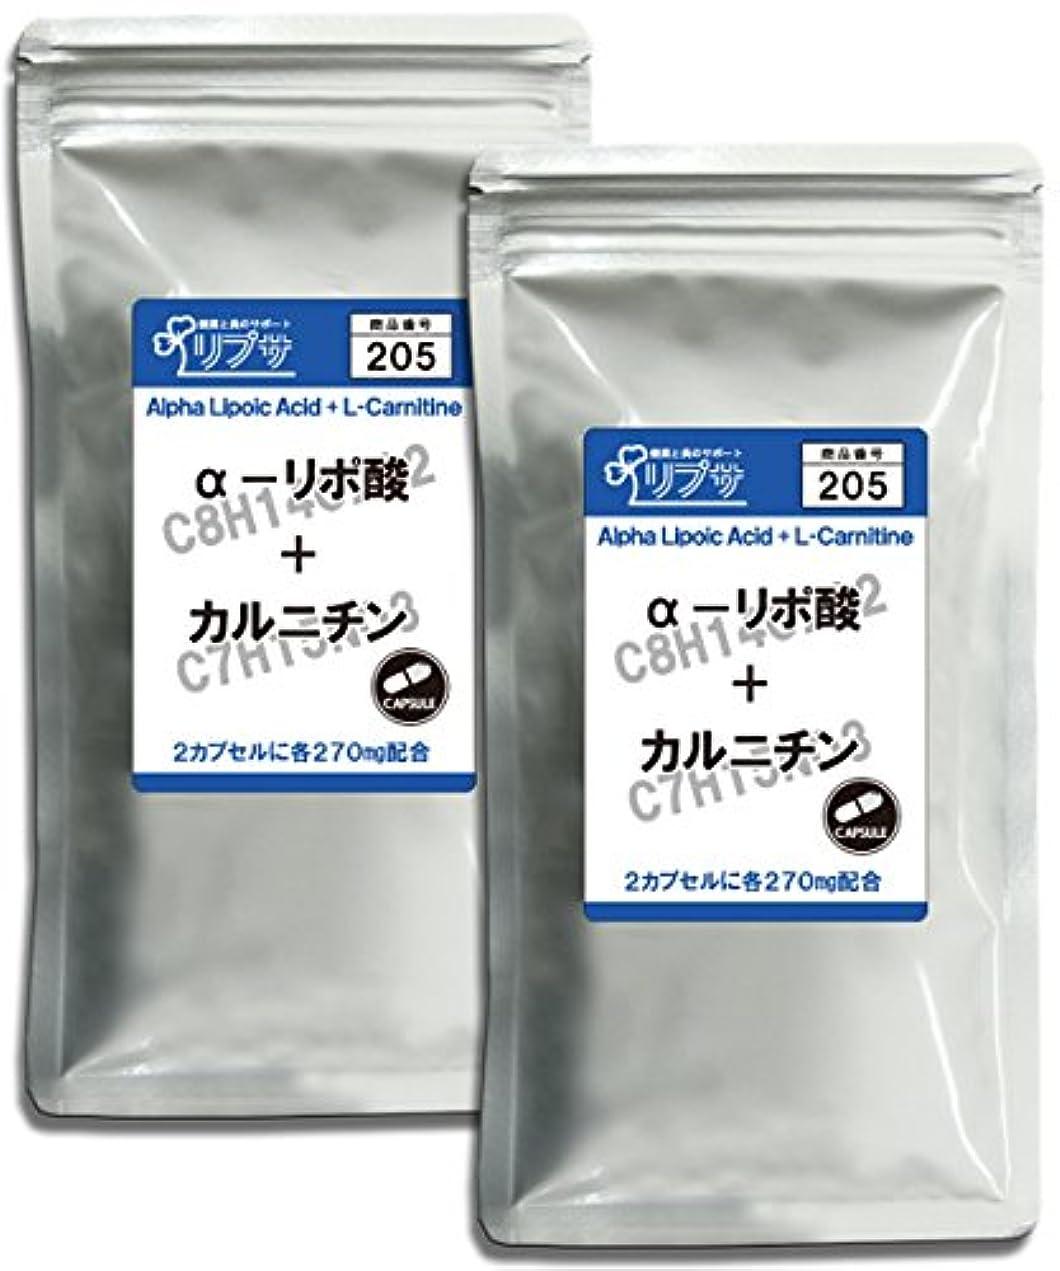 リブ無許可わずかにアルファリポ酸+カルニチン 約3か月分×2袋 C-205-2